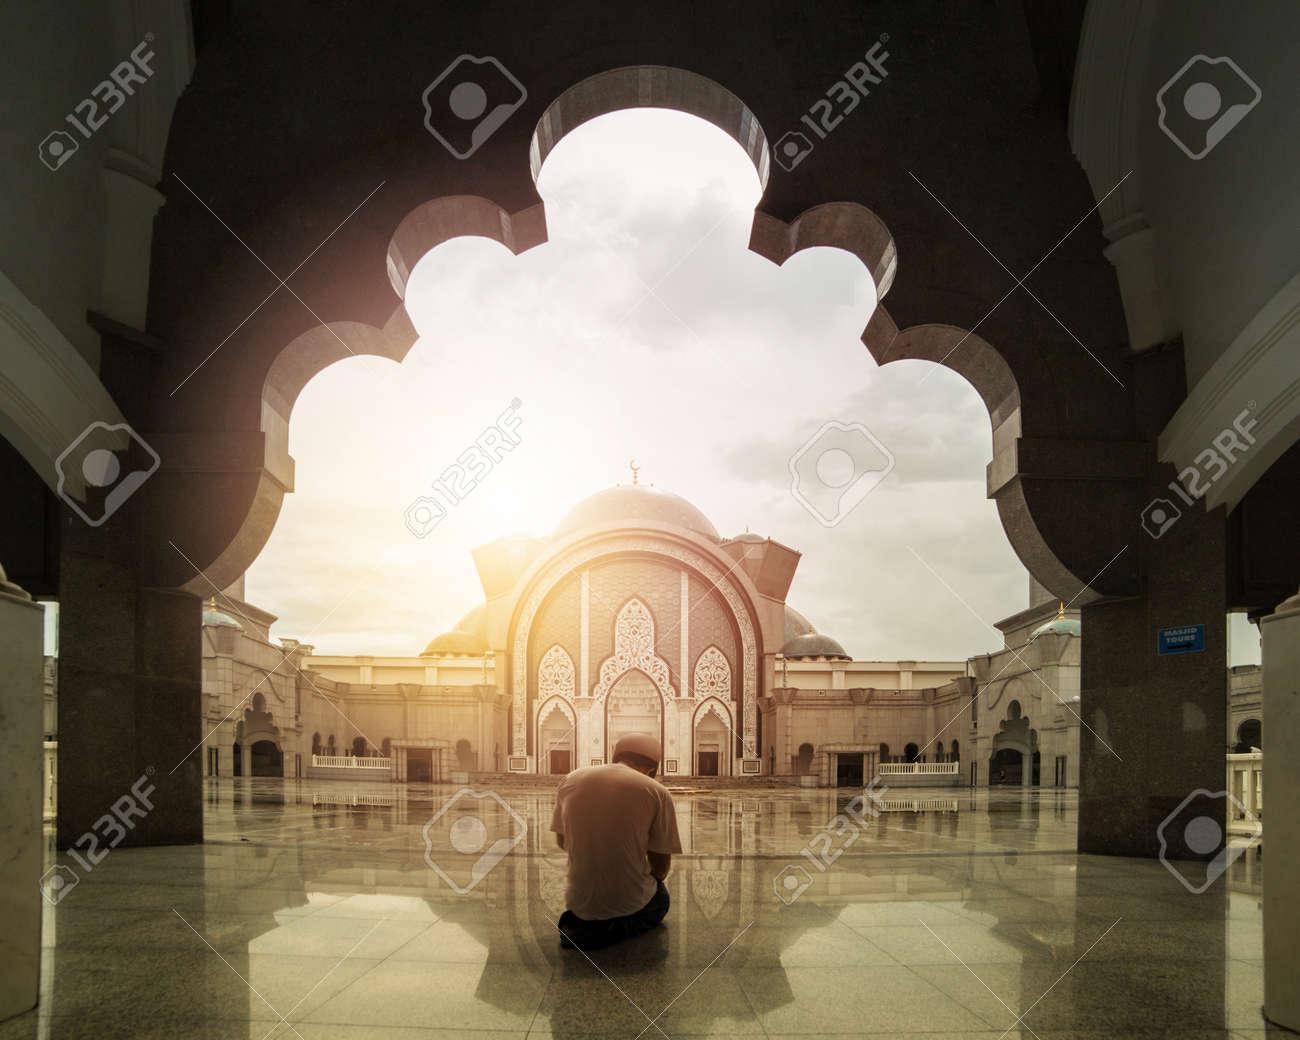 Malaysia muslim people pray in Mosque Wilauah Kuala lumpur. - 60438677